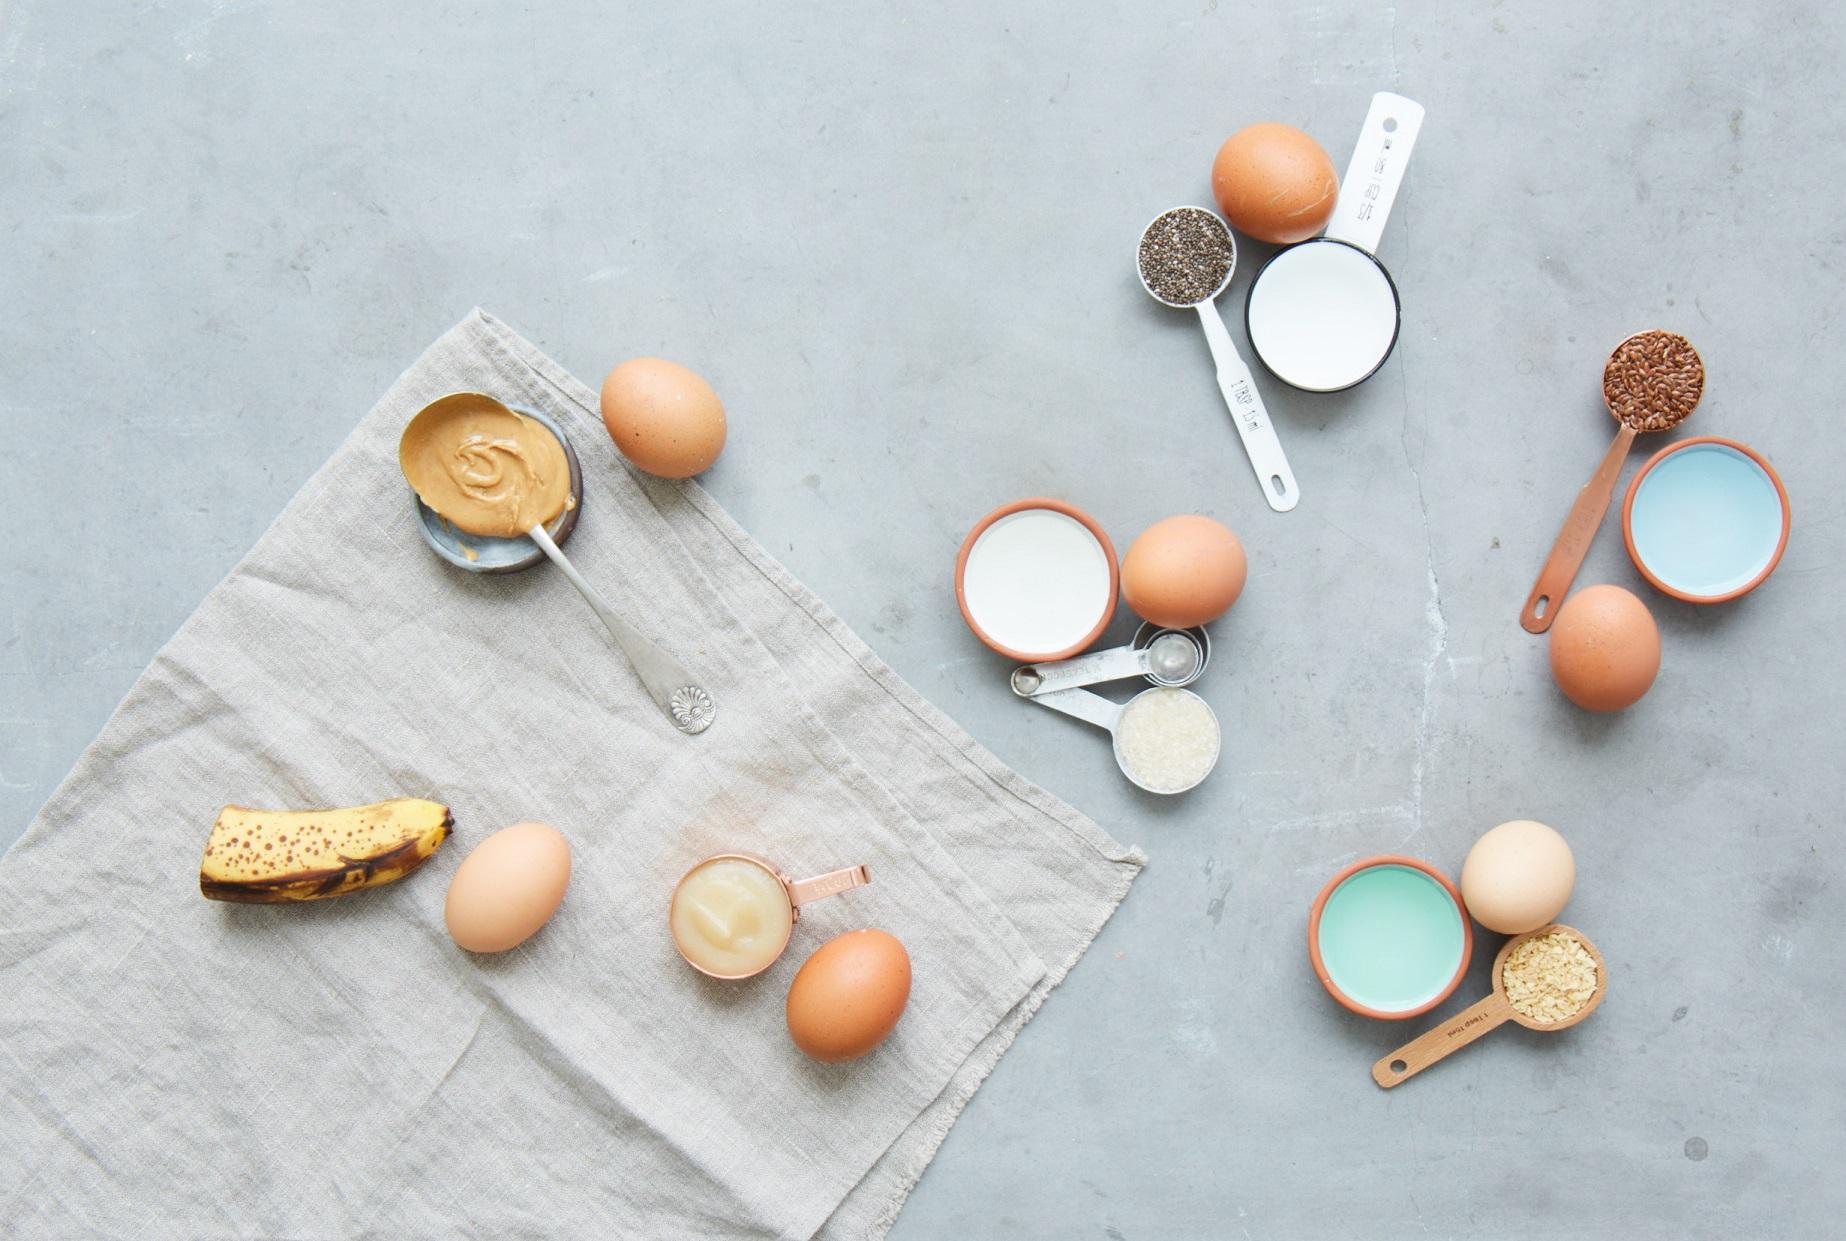 Comment remplacer les oeufs dans une recette